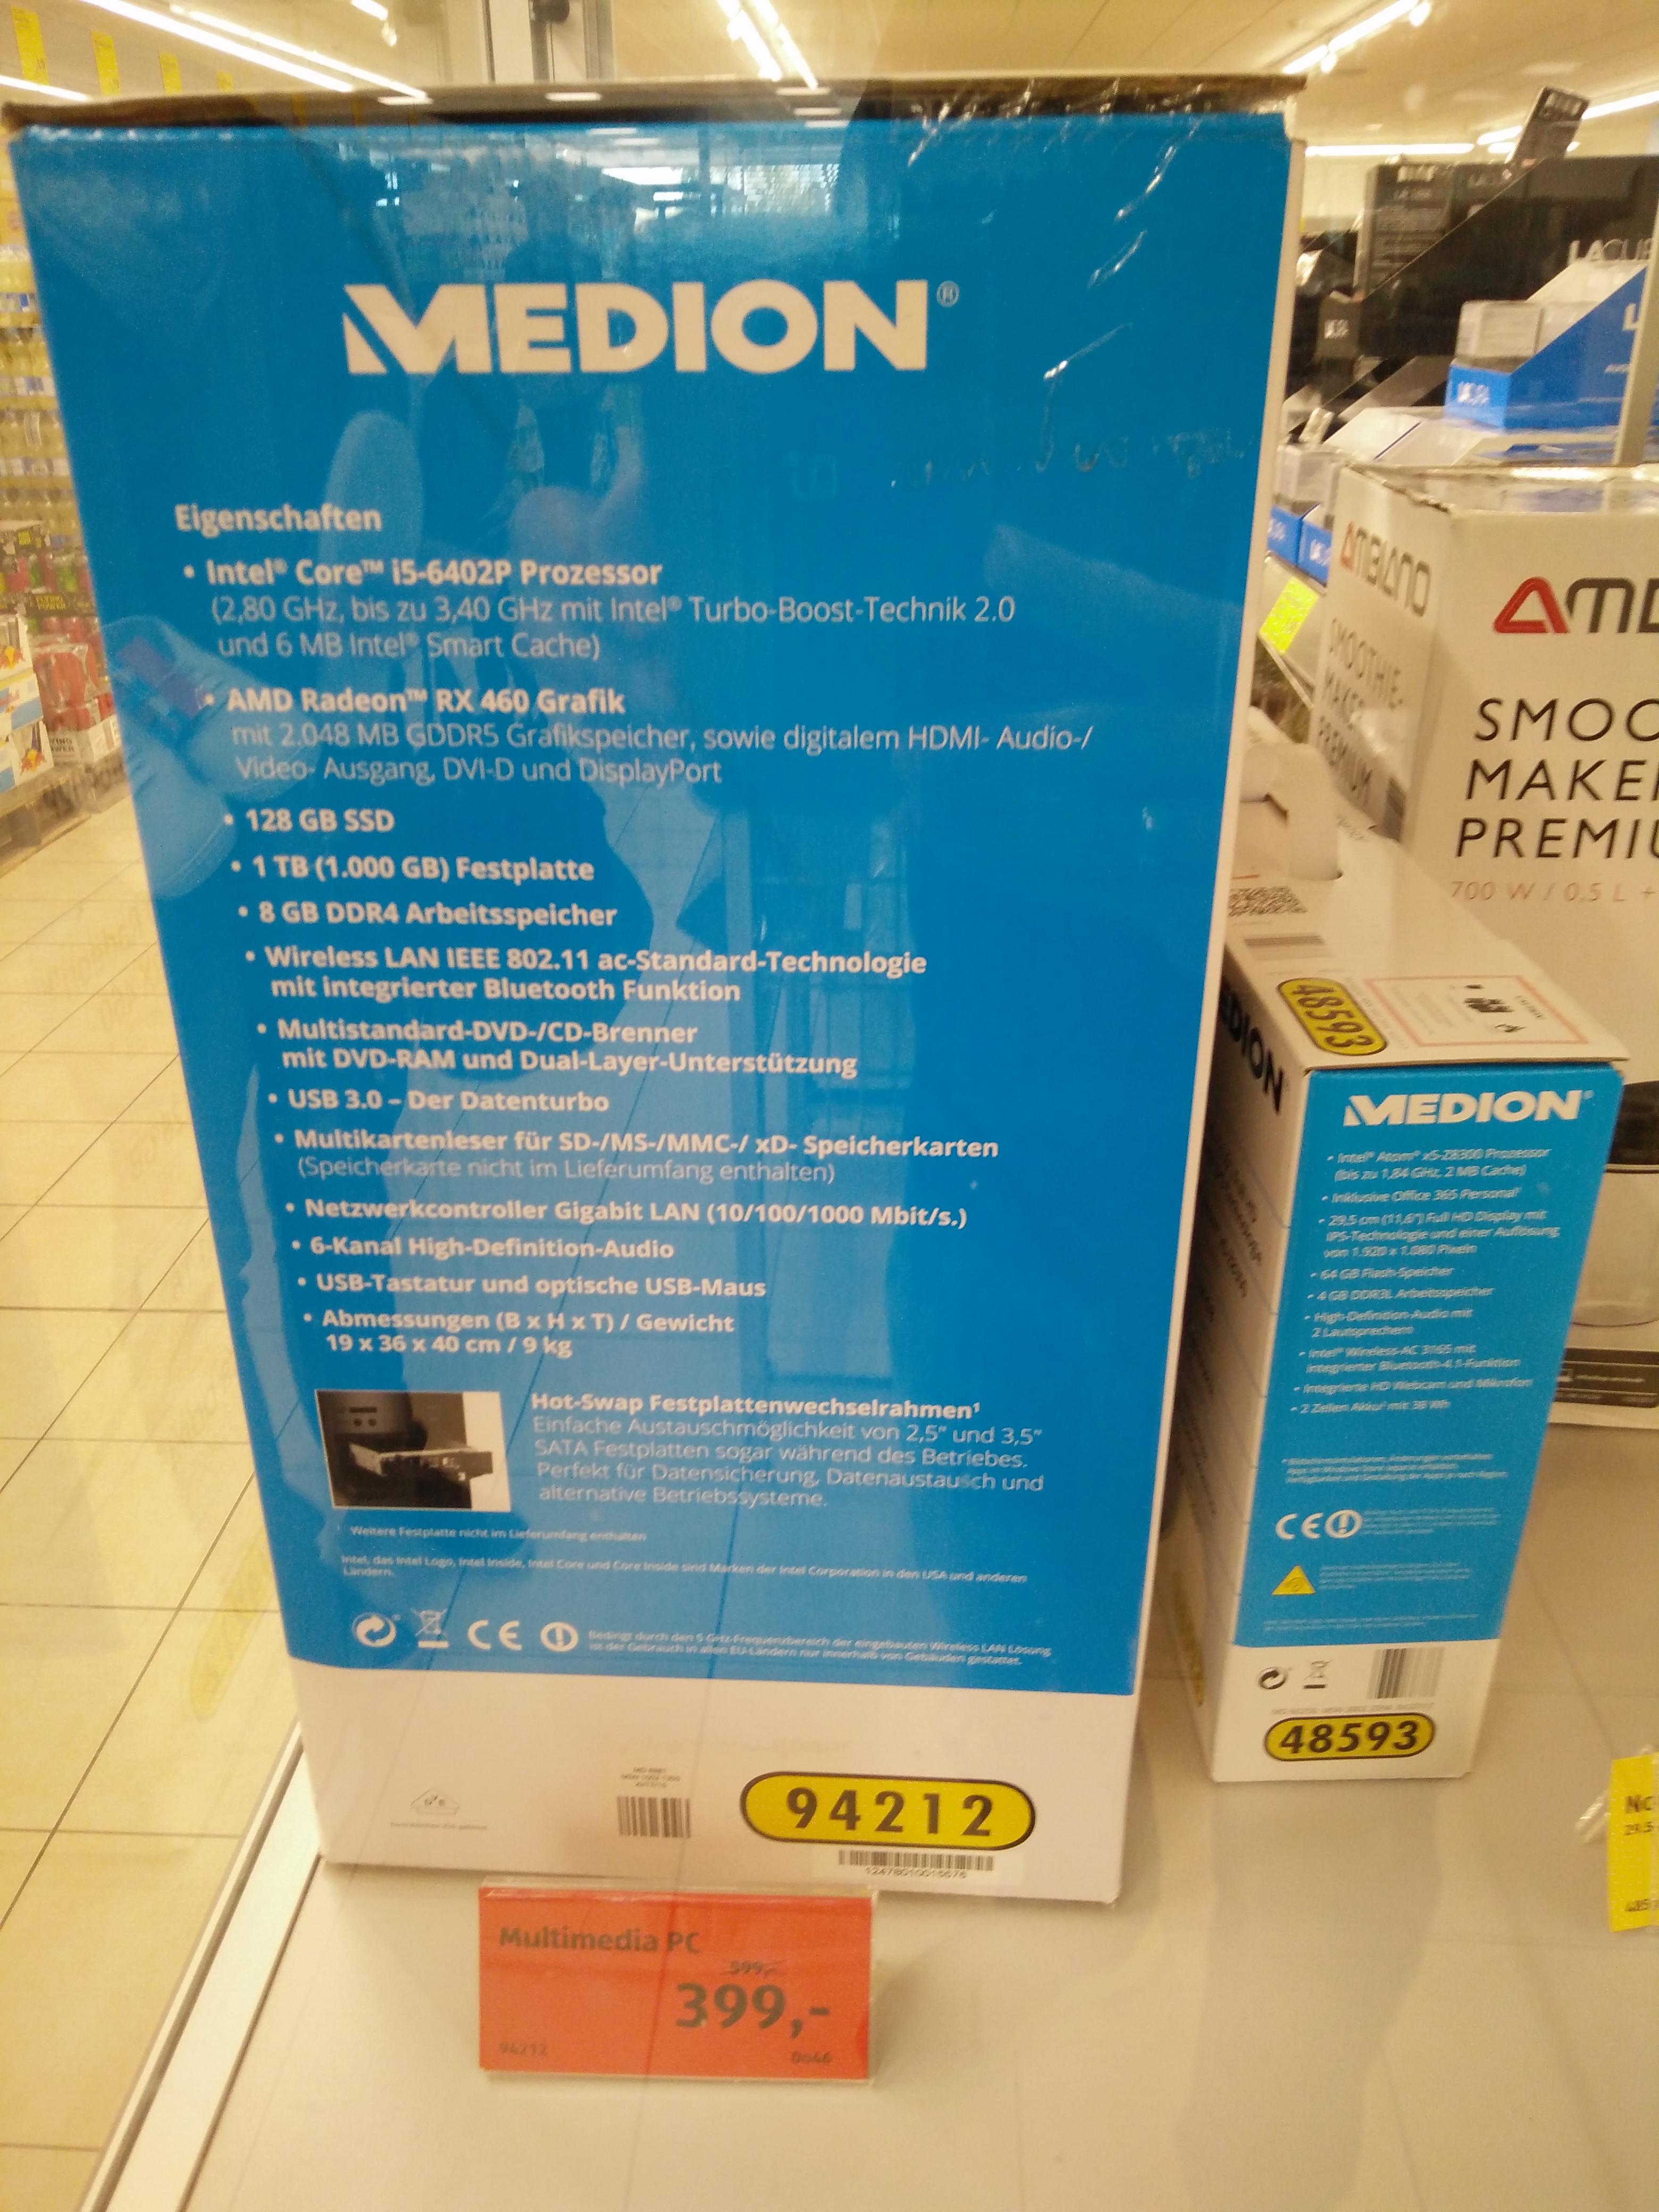 [lokal: Bad Camberg] MEDION AKOYA P5360 E bei Aldi für 399 € (i5-6402P, 8GB RAM, 128GB SSD + 1TB HDD, AMD RX 460, 350W, Win 10 Home)